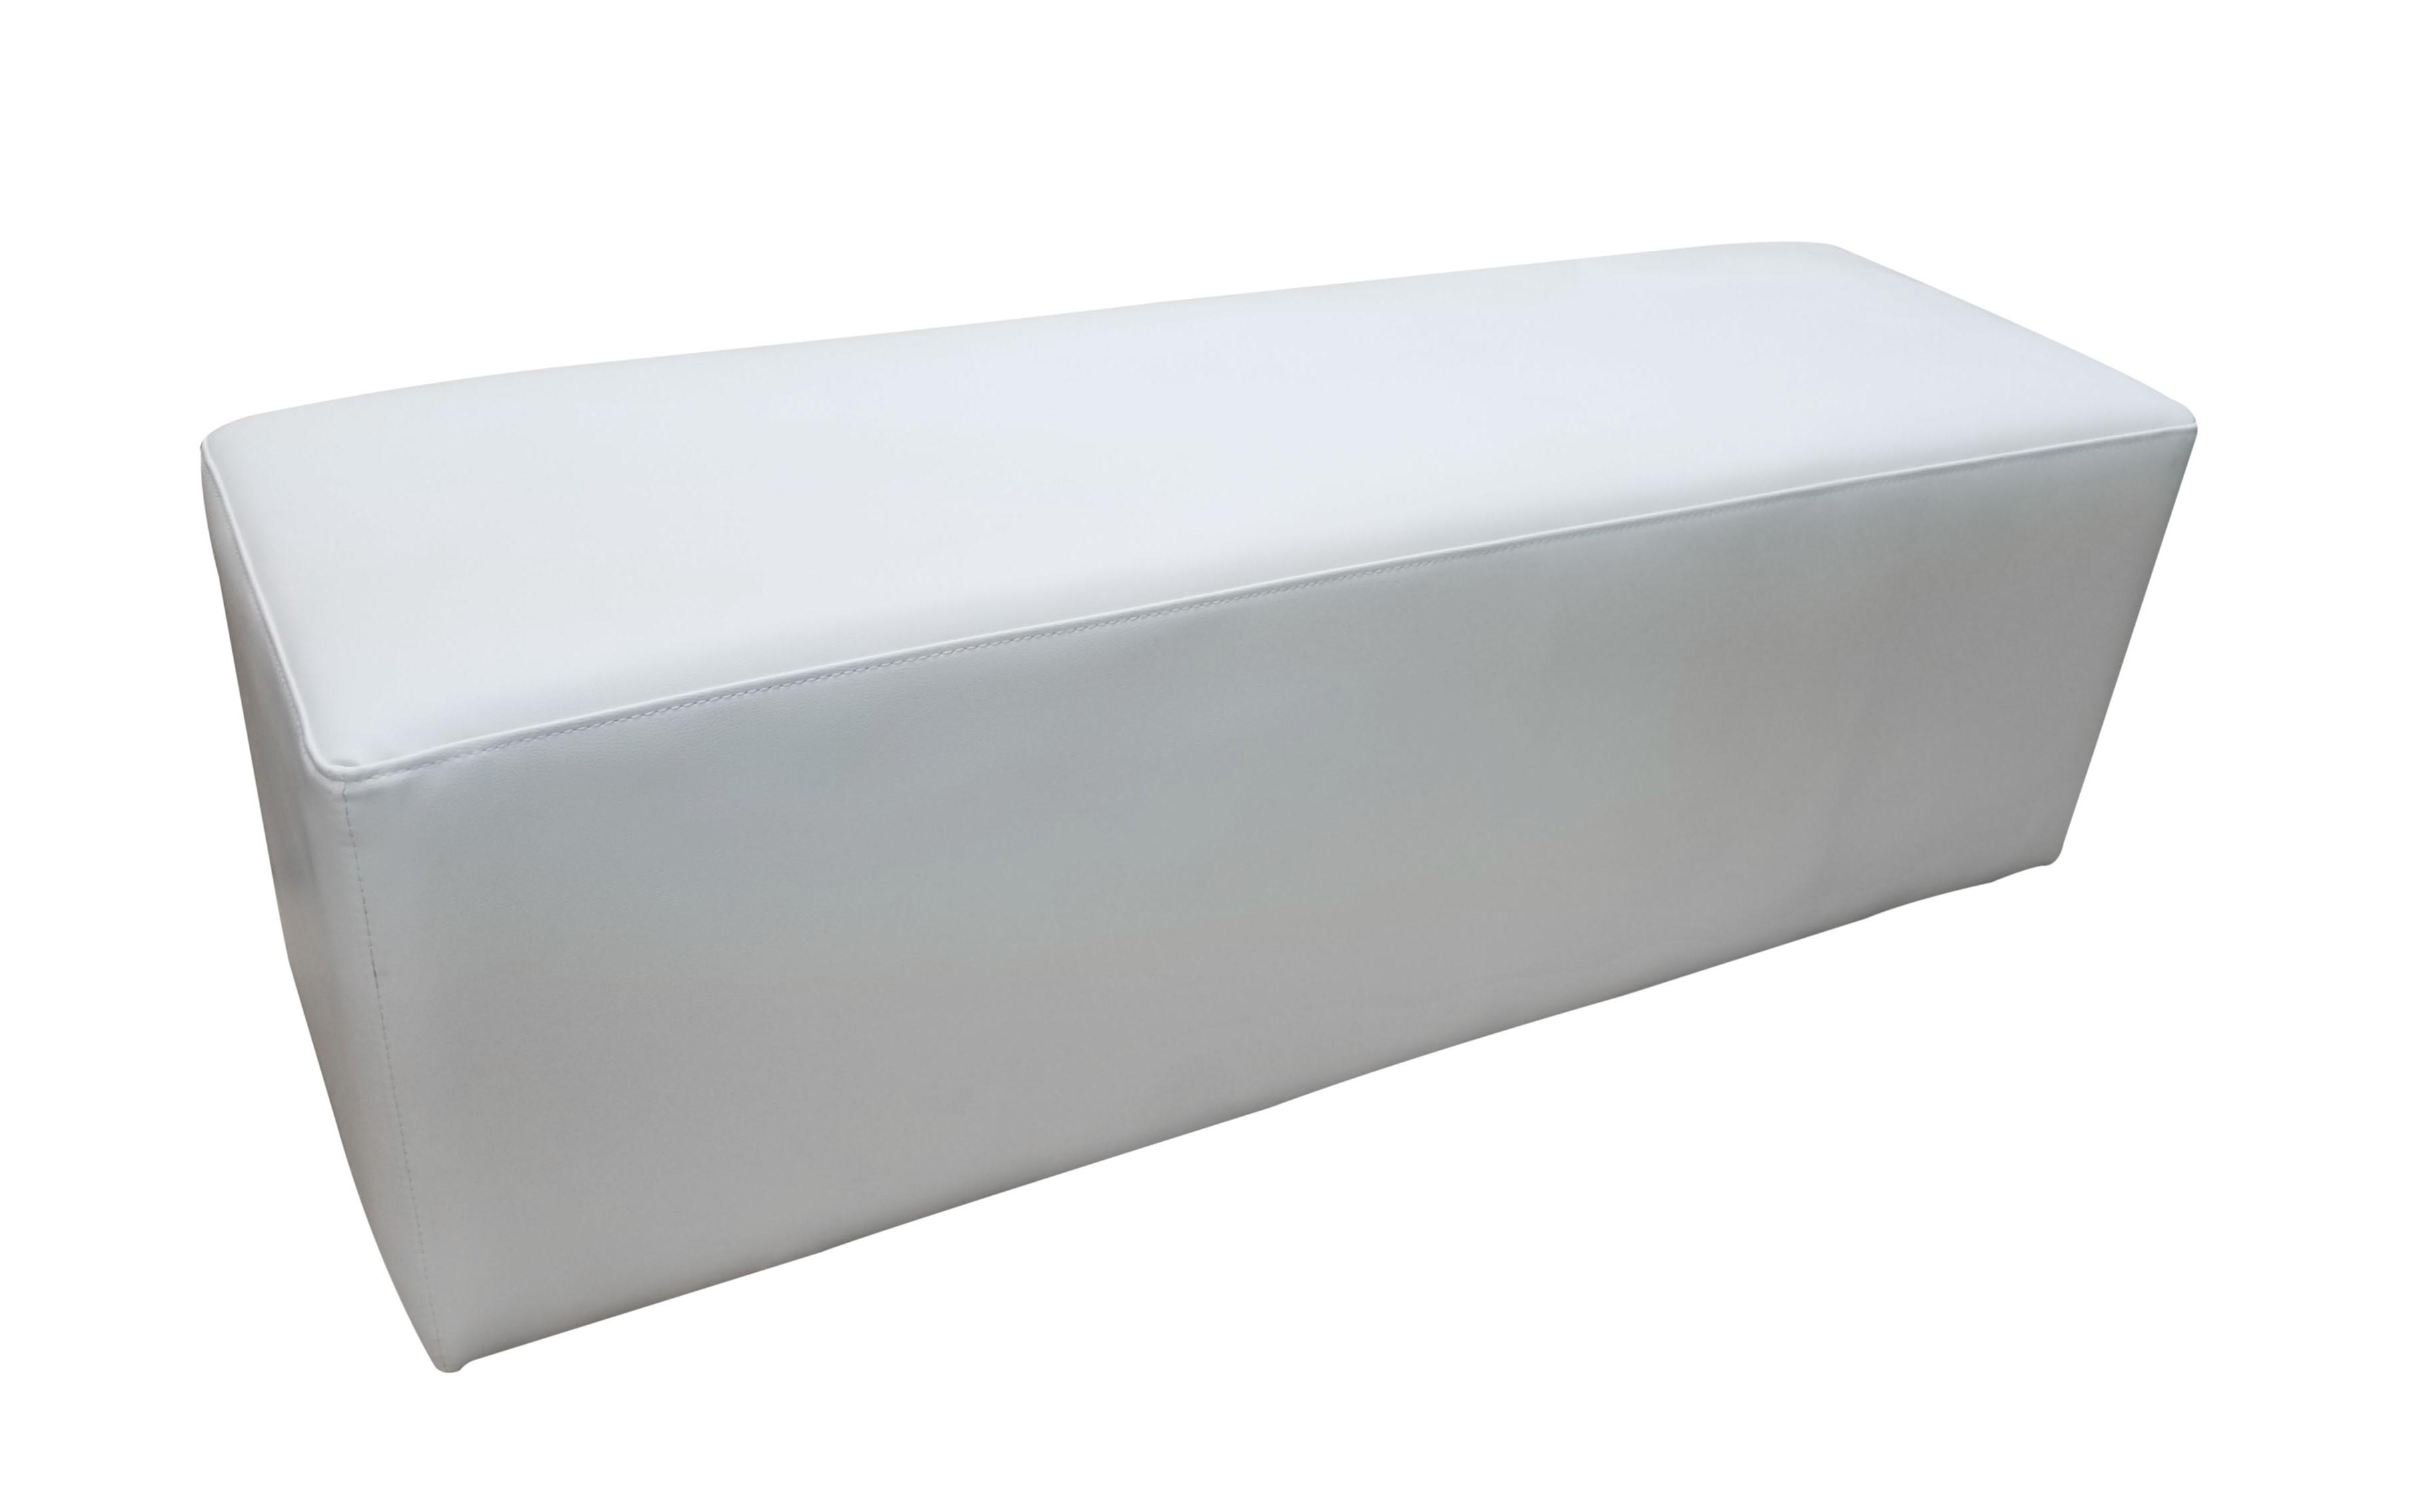 イロコデザインでレンタルできるホワイトプーフ